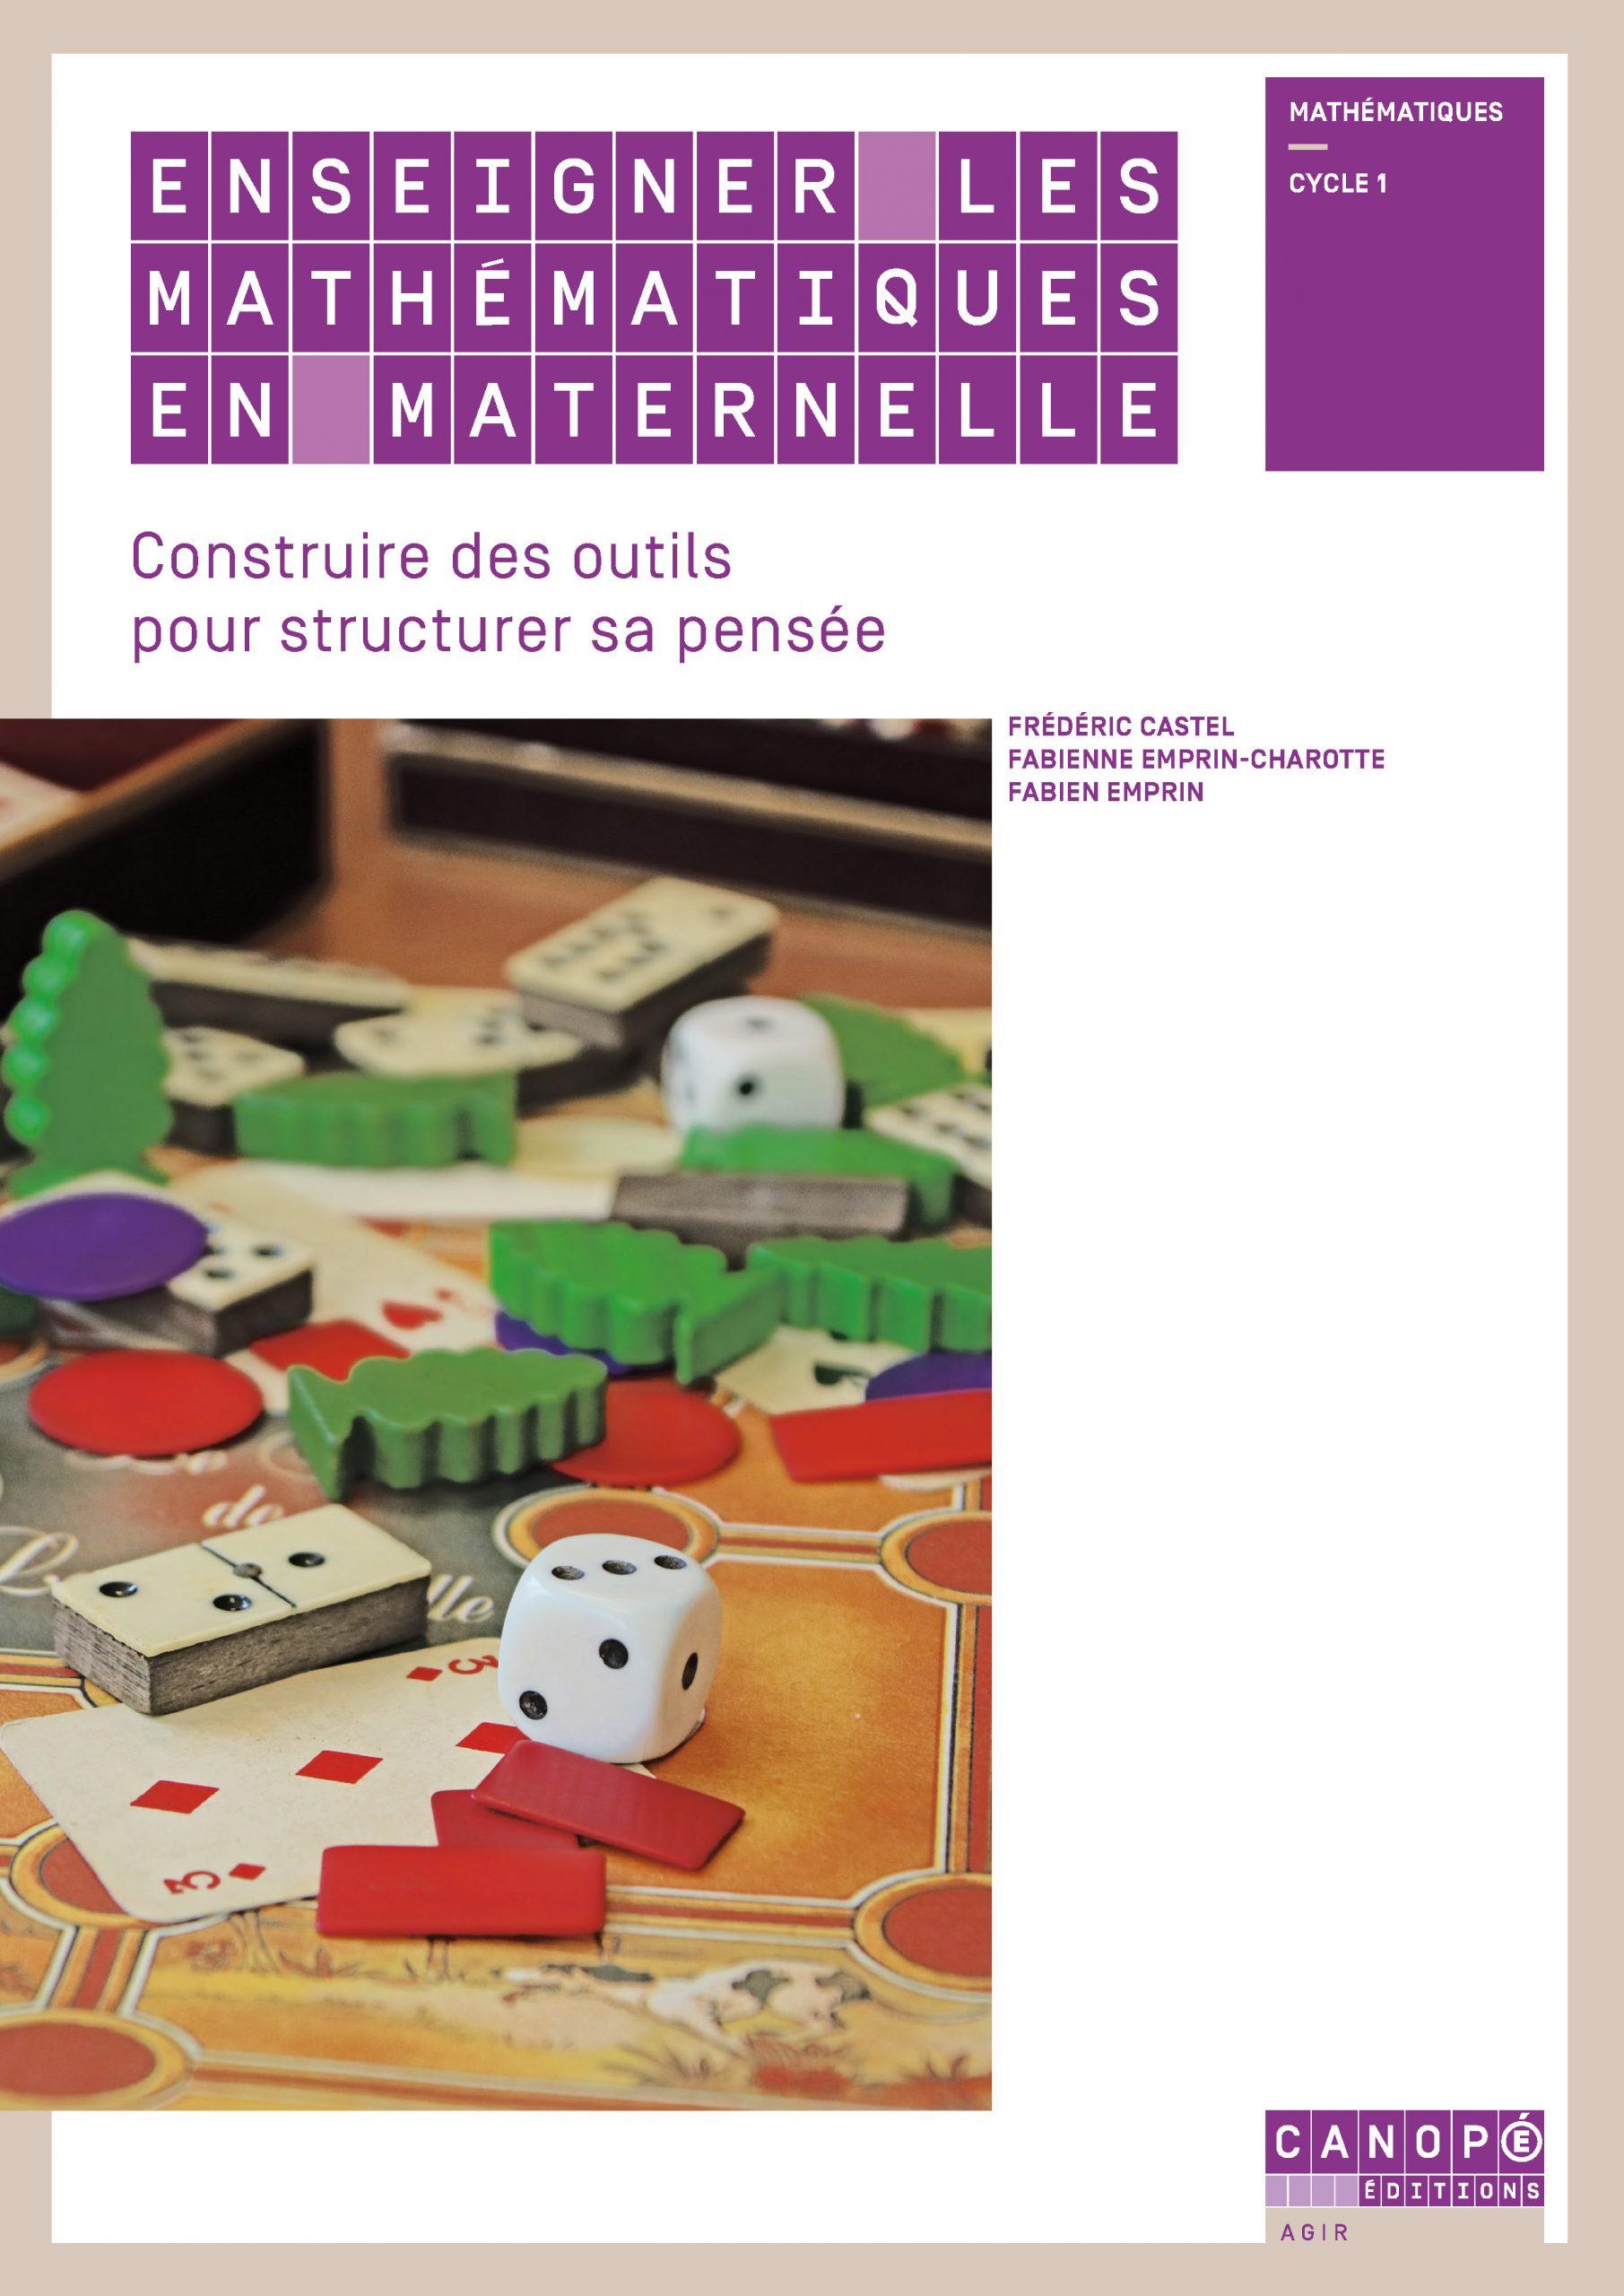 Maternelle - Réseau Canopé encequiconcerne Exercice Maternelle Petite Section Gratuit En Ligne